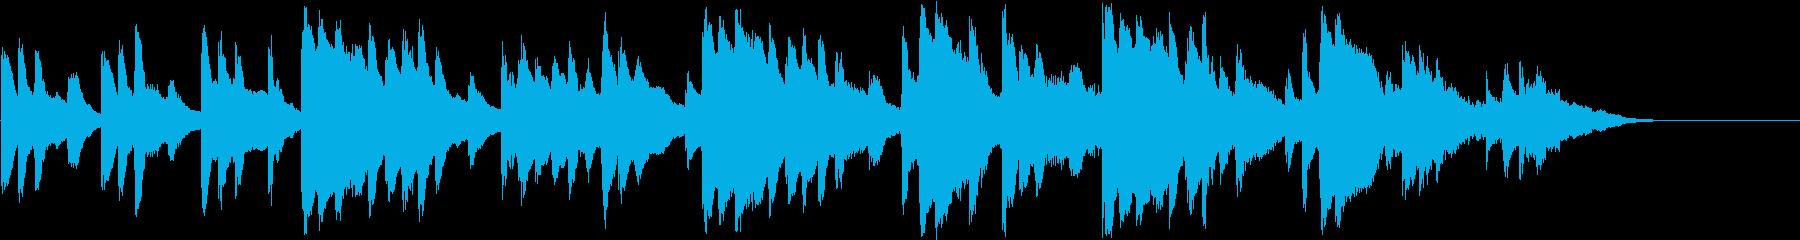 切ないシーンのRPG系オーケストラBGMの再生済みの波形